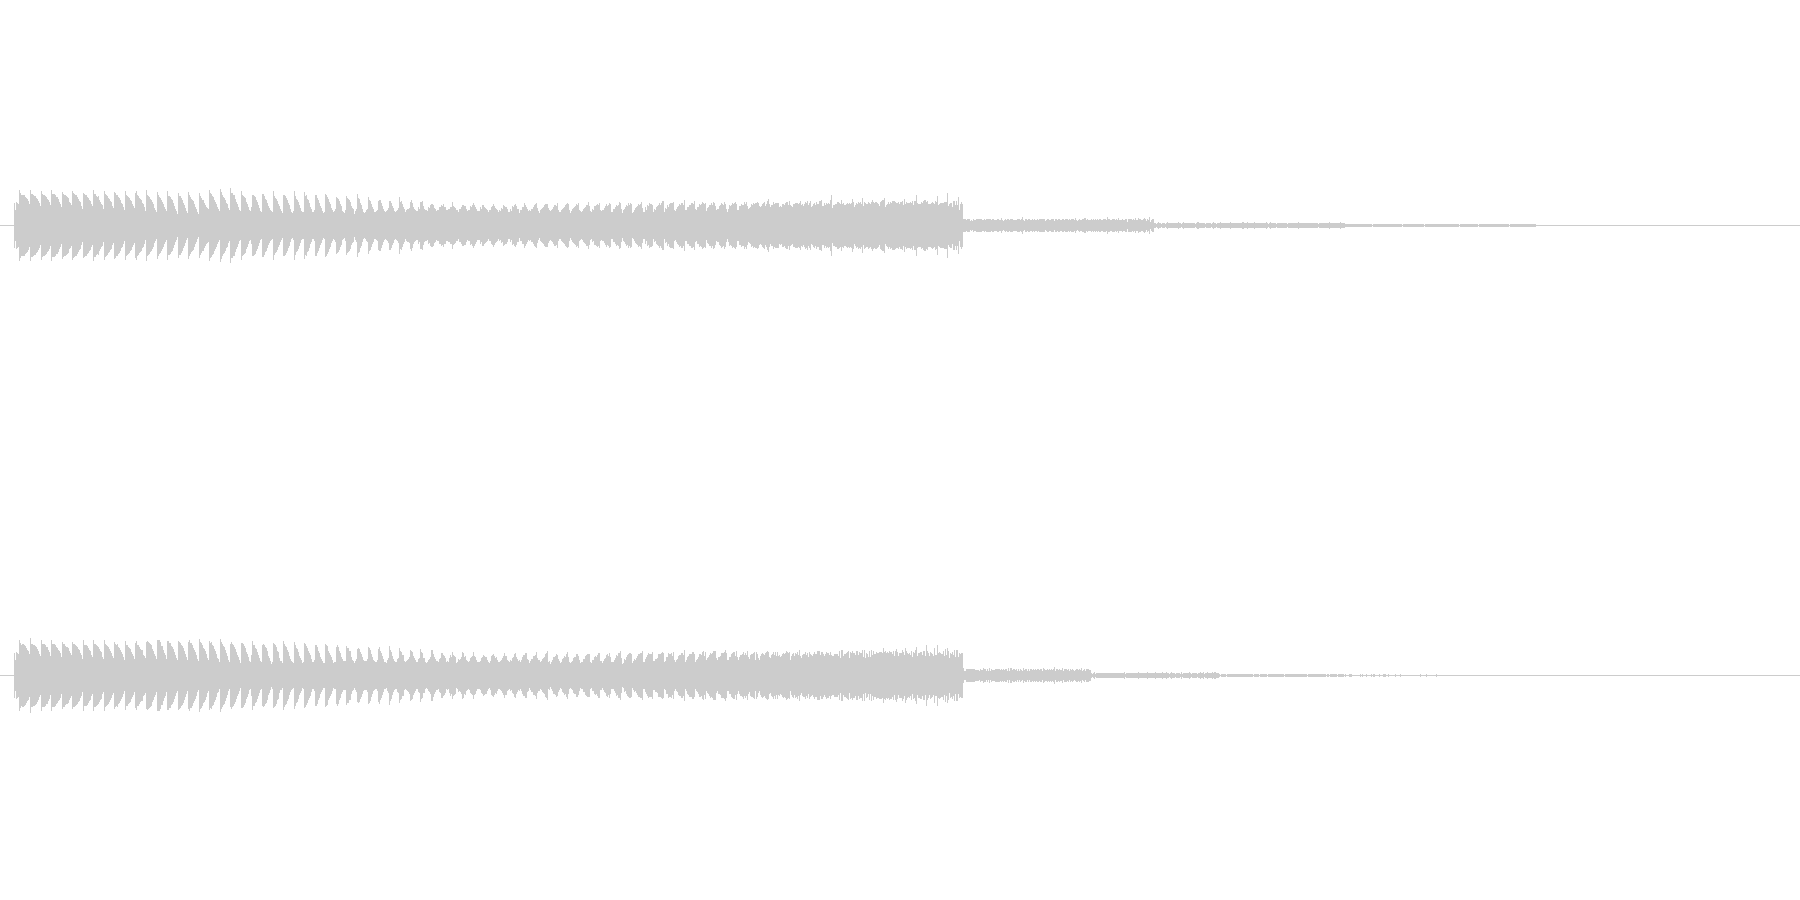 シューティングゲーム風のシンセ音の未再生の波形